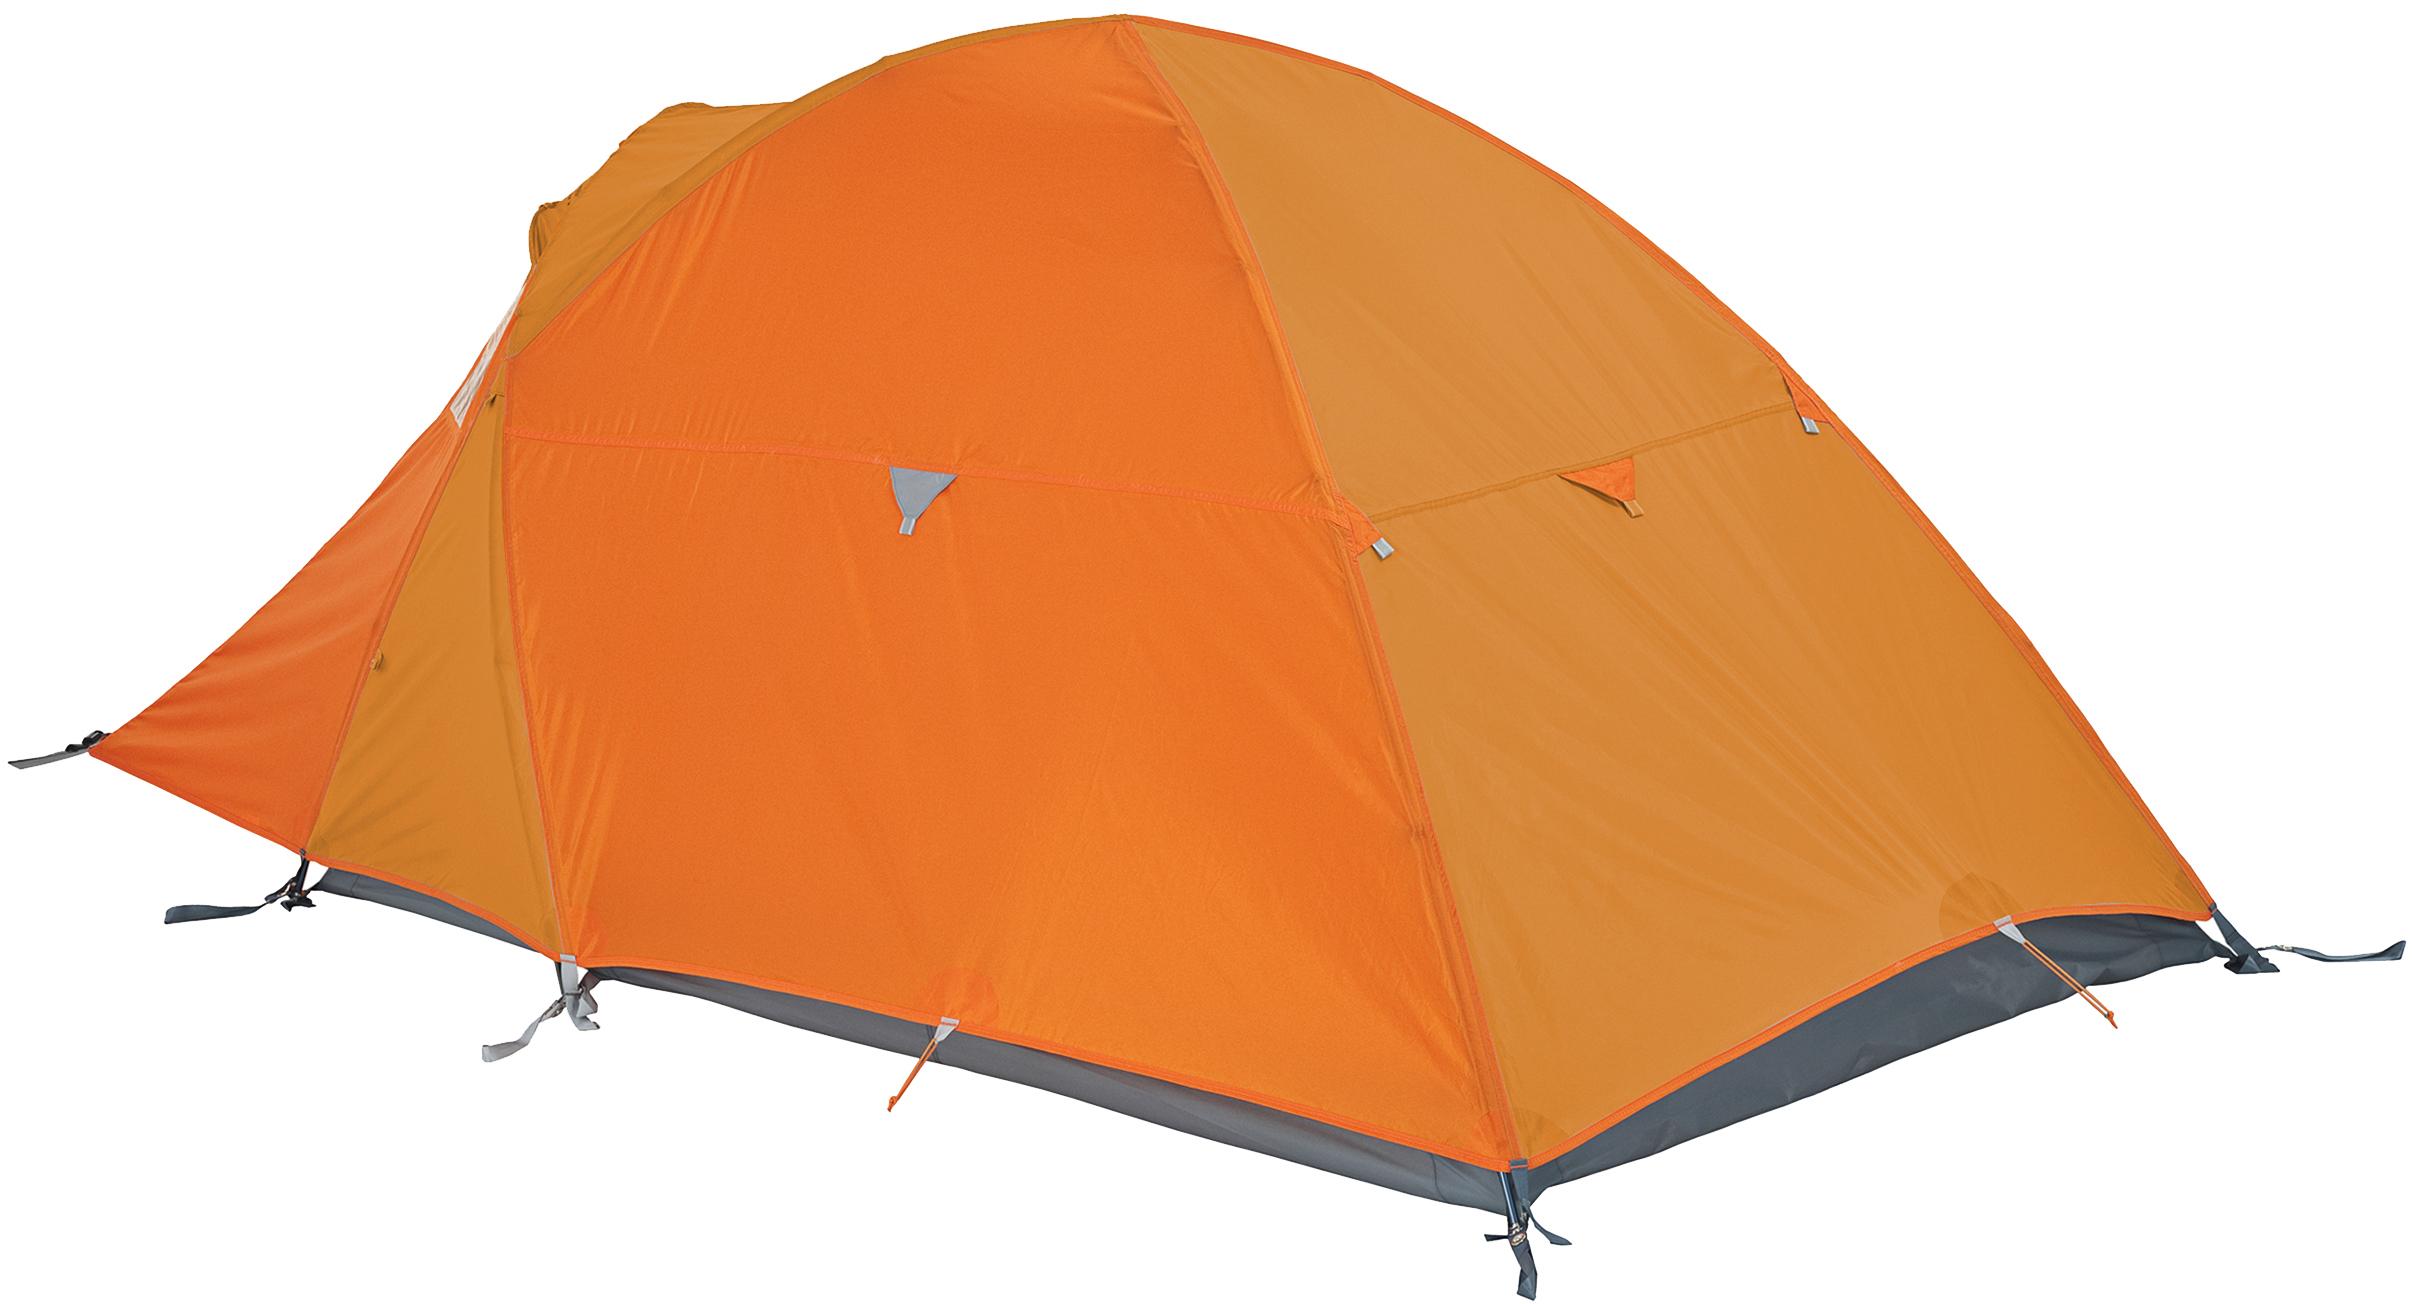 sc 1 st  MEC & MEC TGV 2 Tent